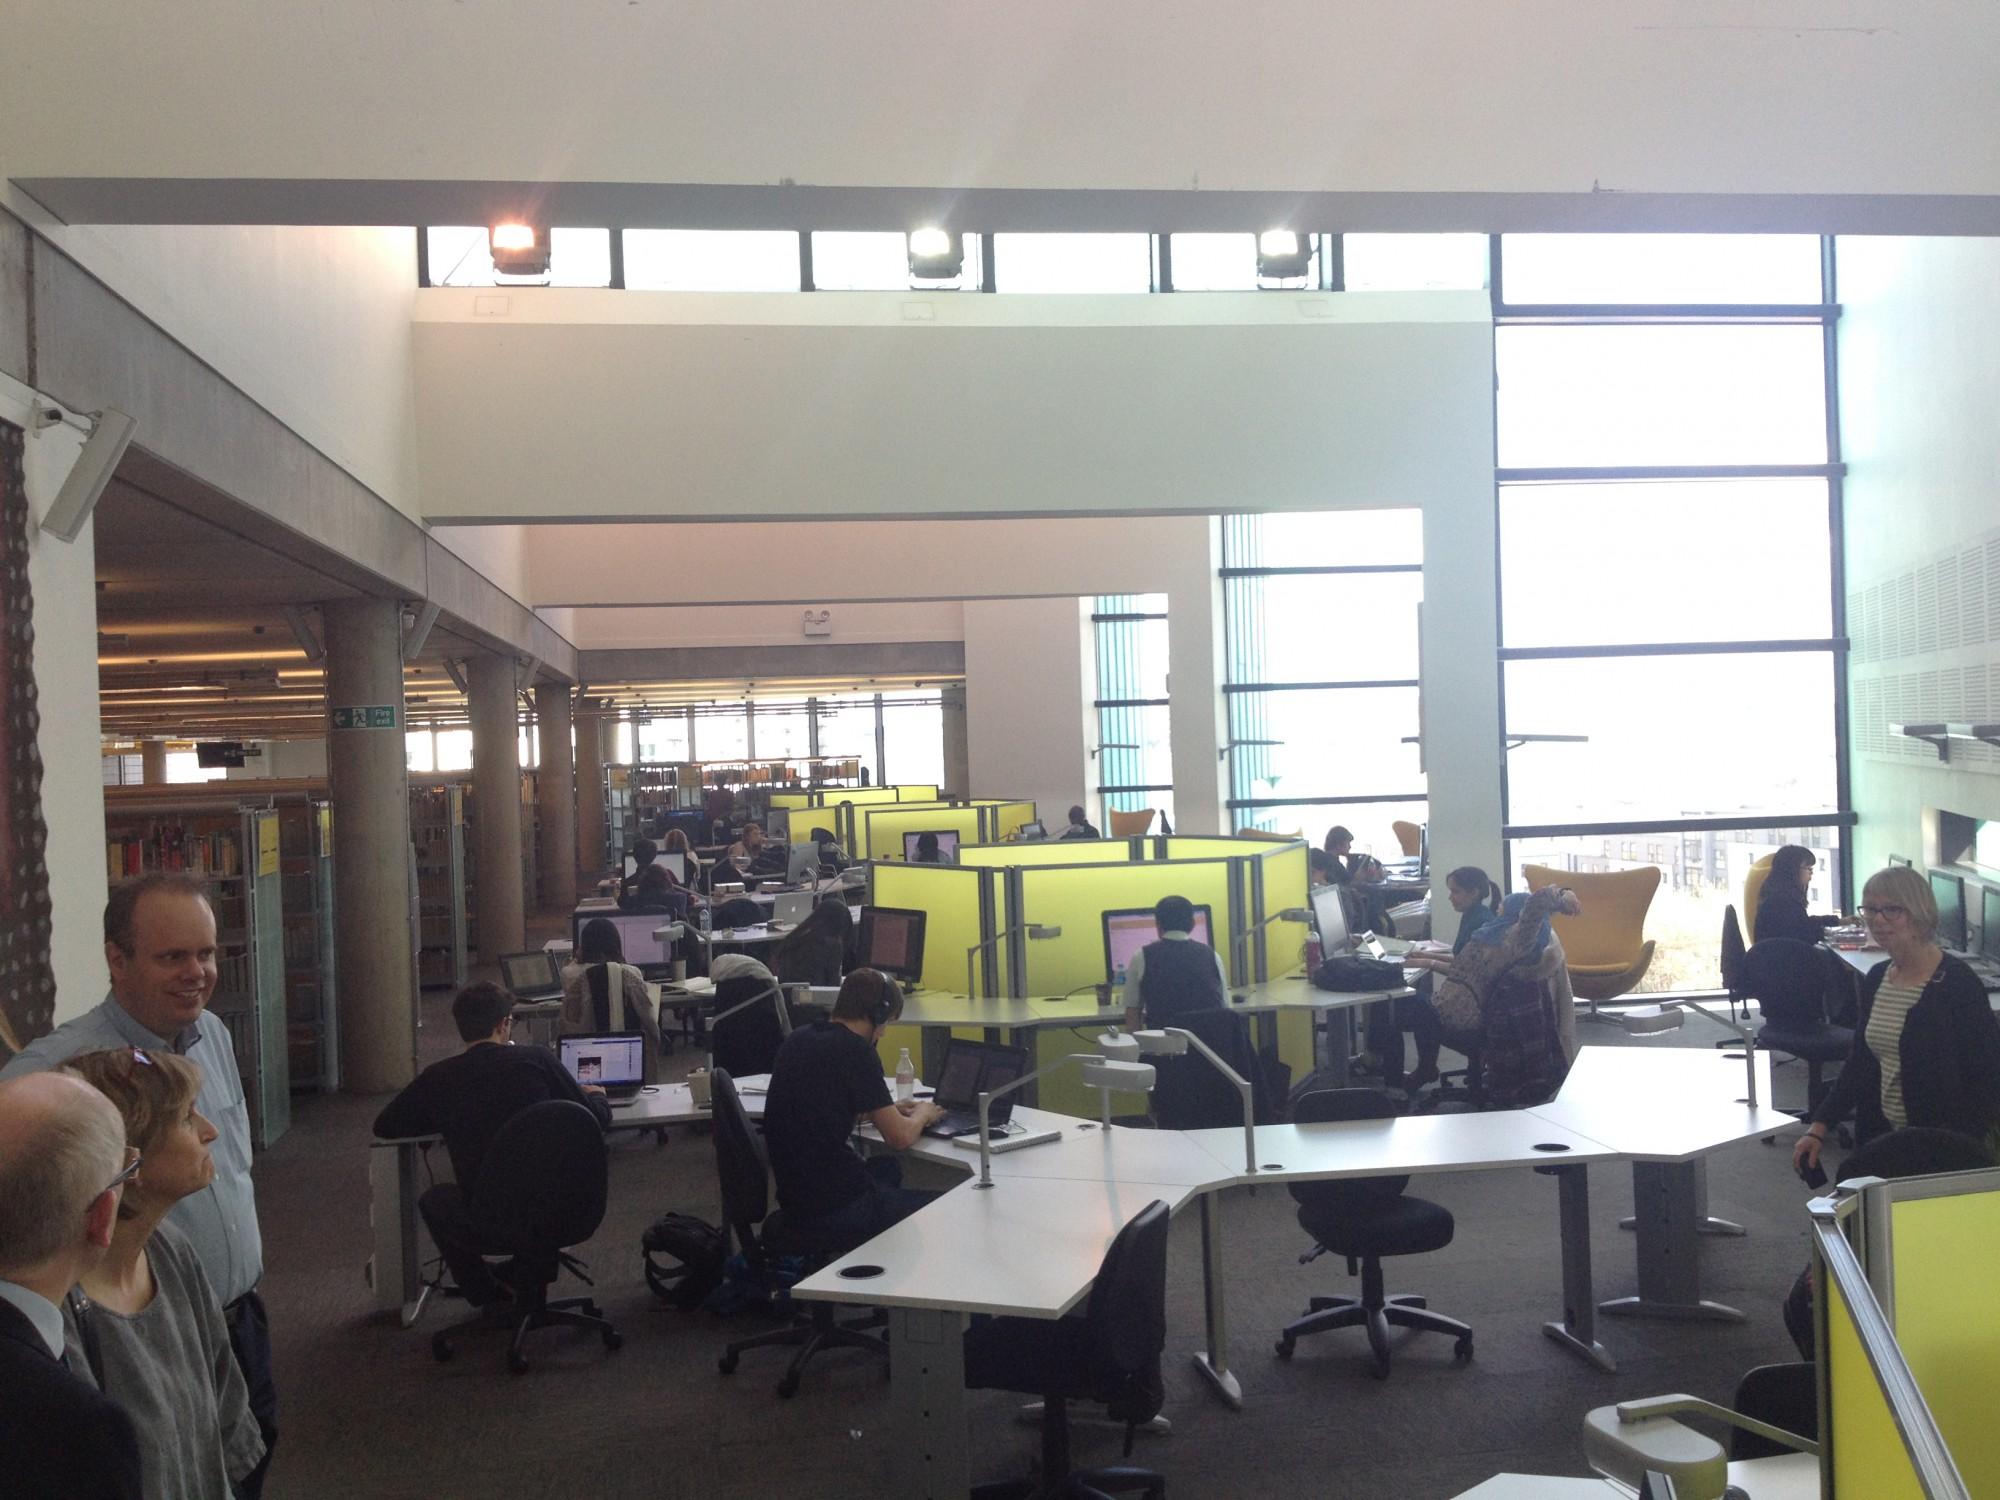 Över 4 kvm/studieplats ger en effektivare nyttjandegrad och ger möjlighet till både enskilt och gemensamt arbete.